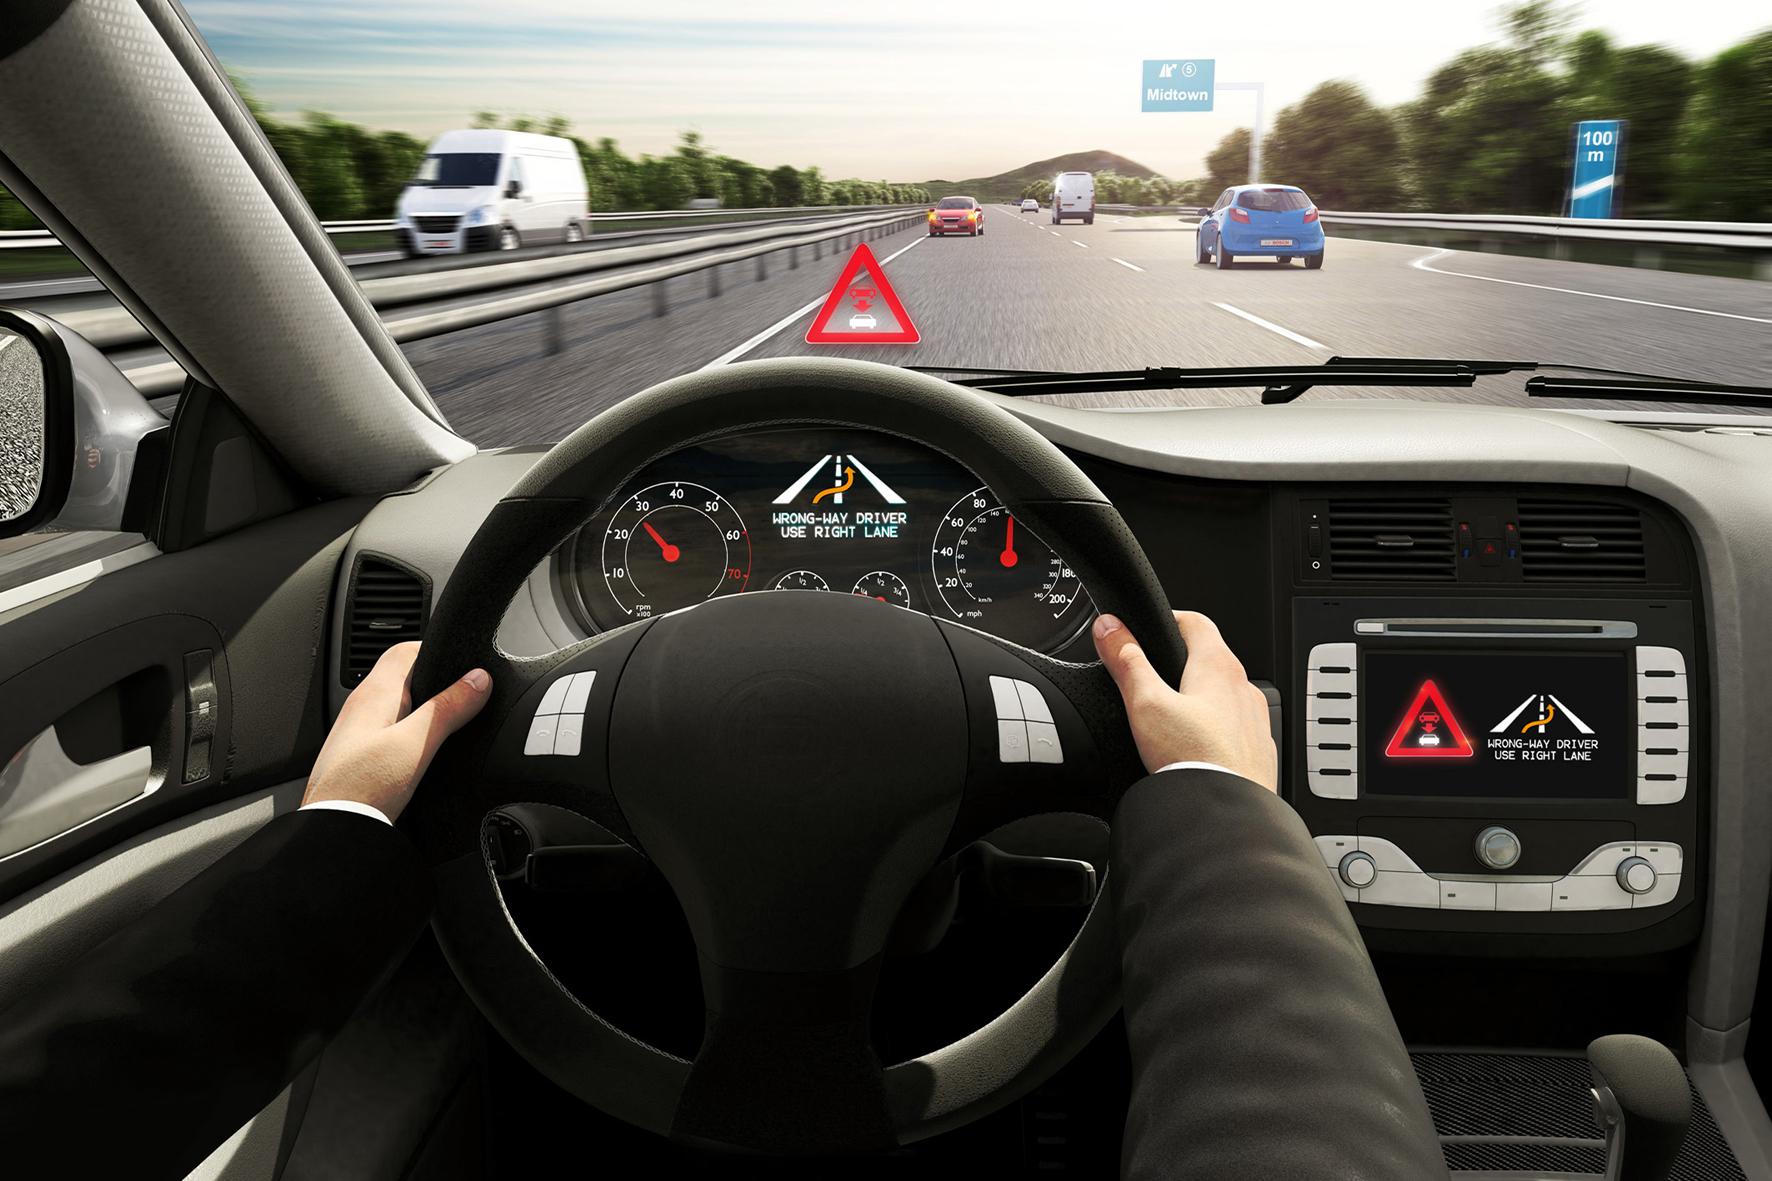 mid Düsseldorf - Bosch hat eine cloudbasierte Falschfahrer-Warnung entwickelt, die Geisterfahrer schnell erkennt und die anderen Autofahrer rechtzeitig warnt.